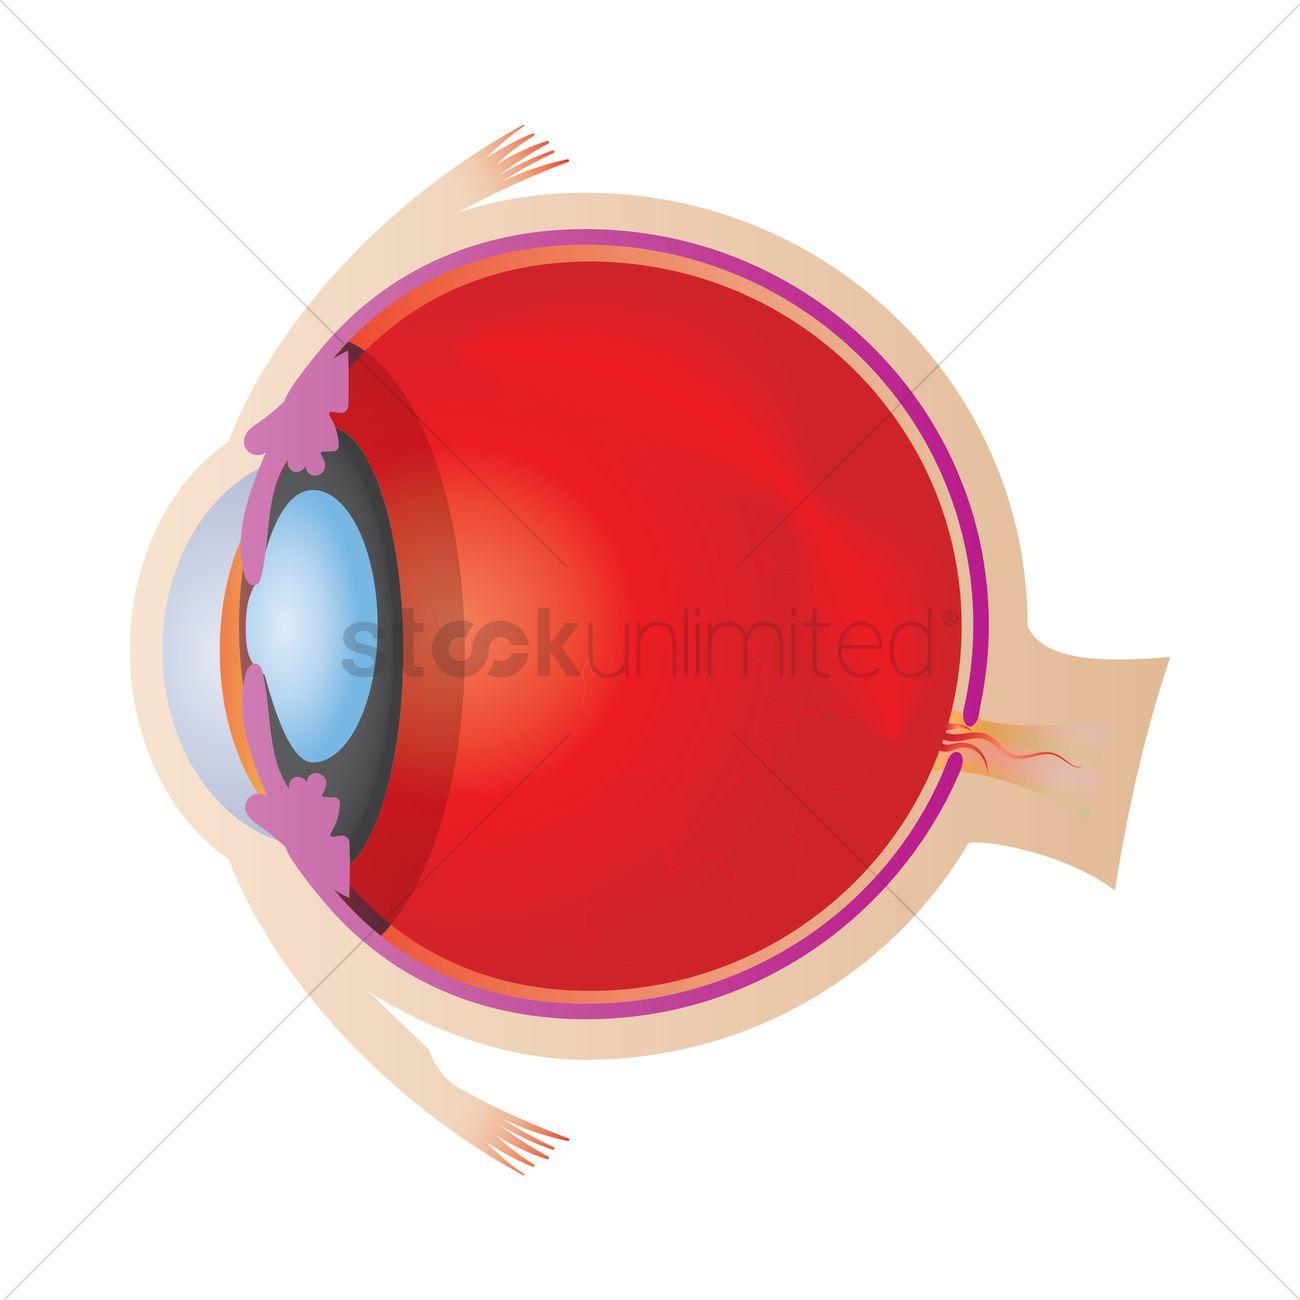 Eyeball anatomy Vector Image - 1866580 | StockUnlimited